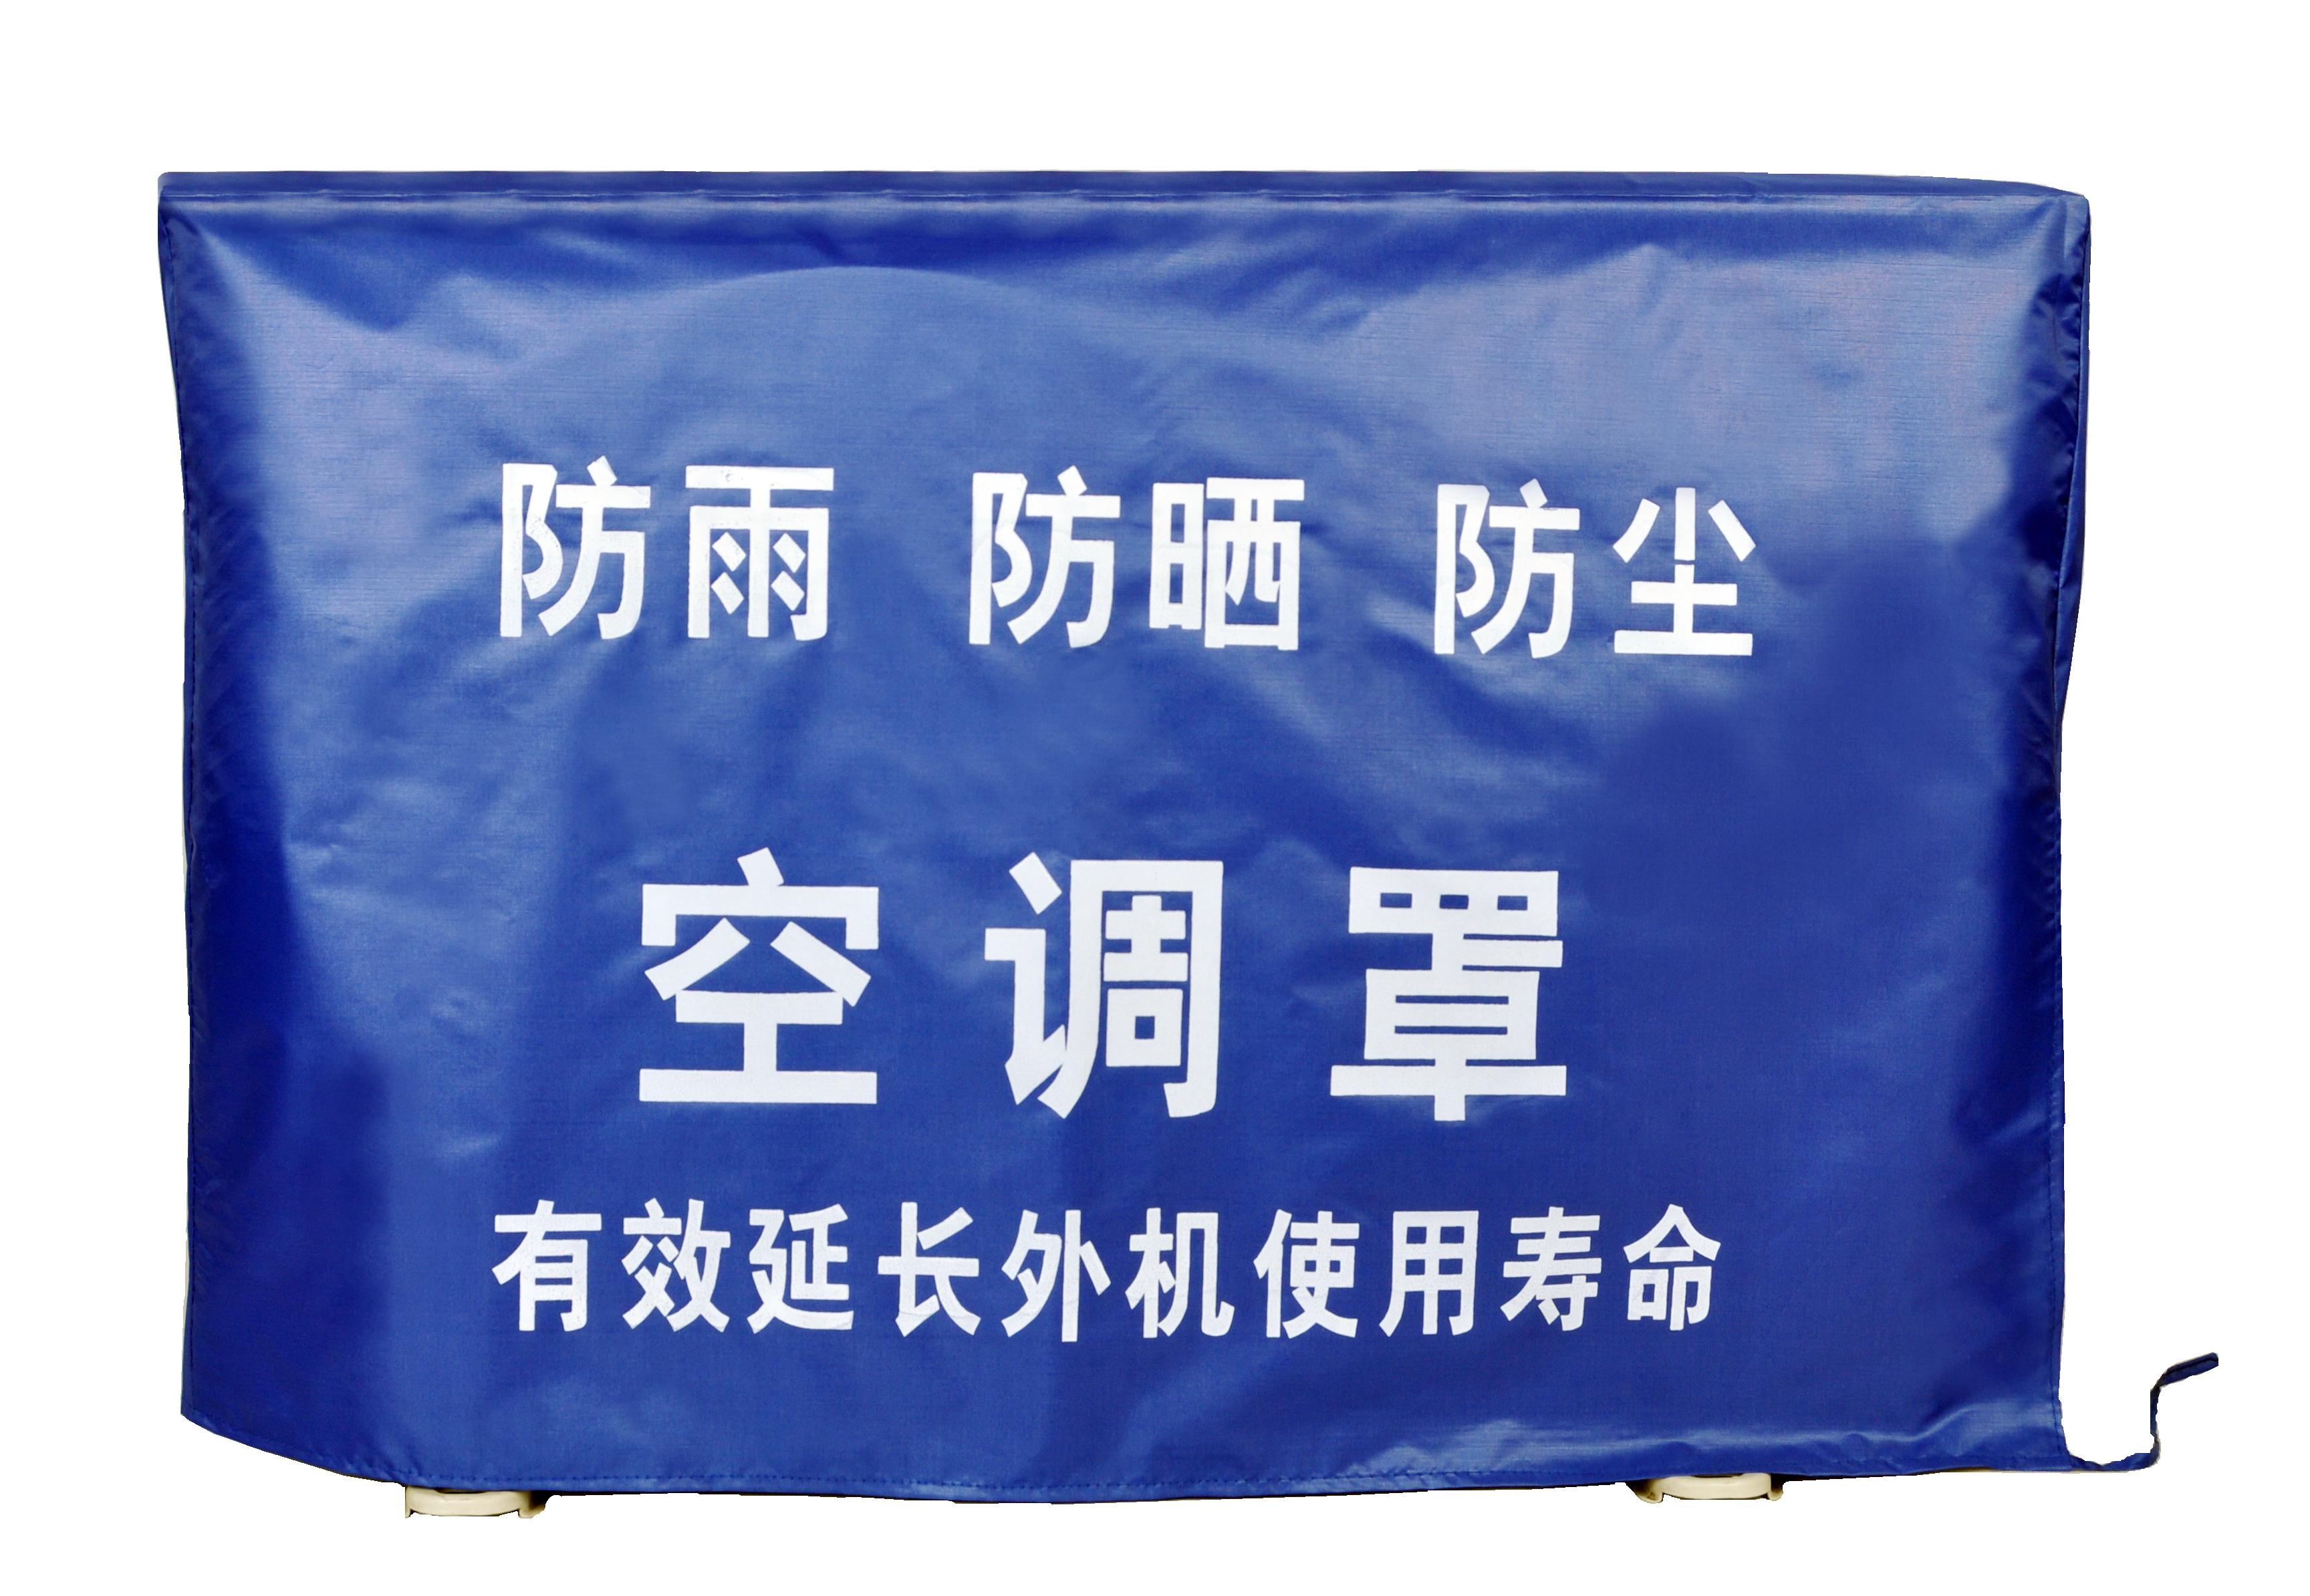 Der Breite Blaue spitzen Stil zylindrische vertikale 3 PS 2 PS windschutzscheibe länge 1,5 inklusive klimaanlage, Hood